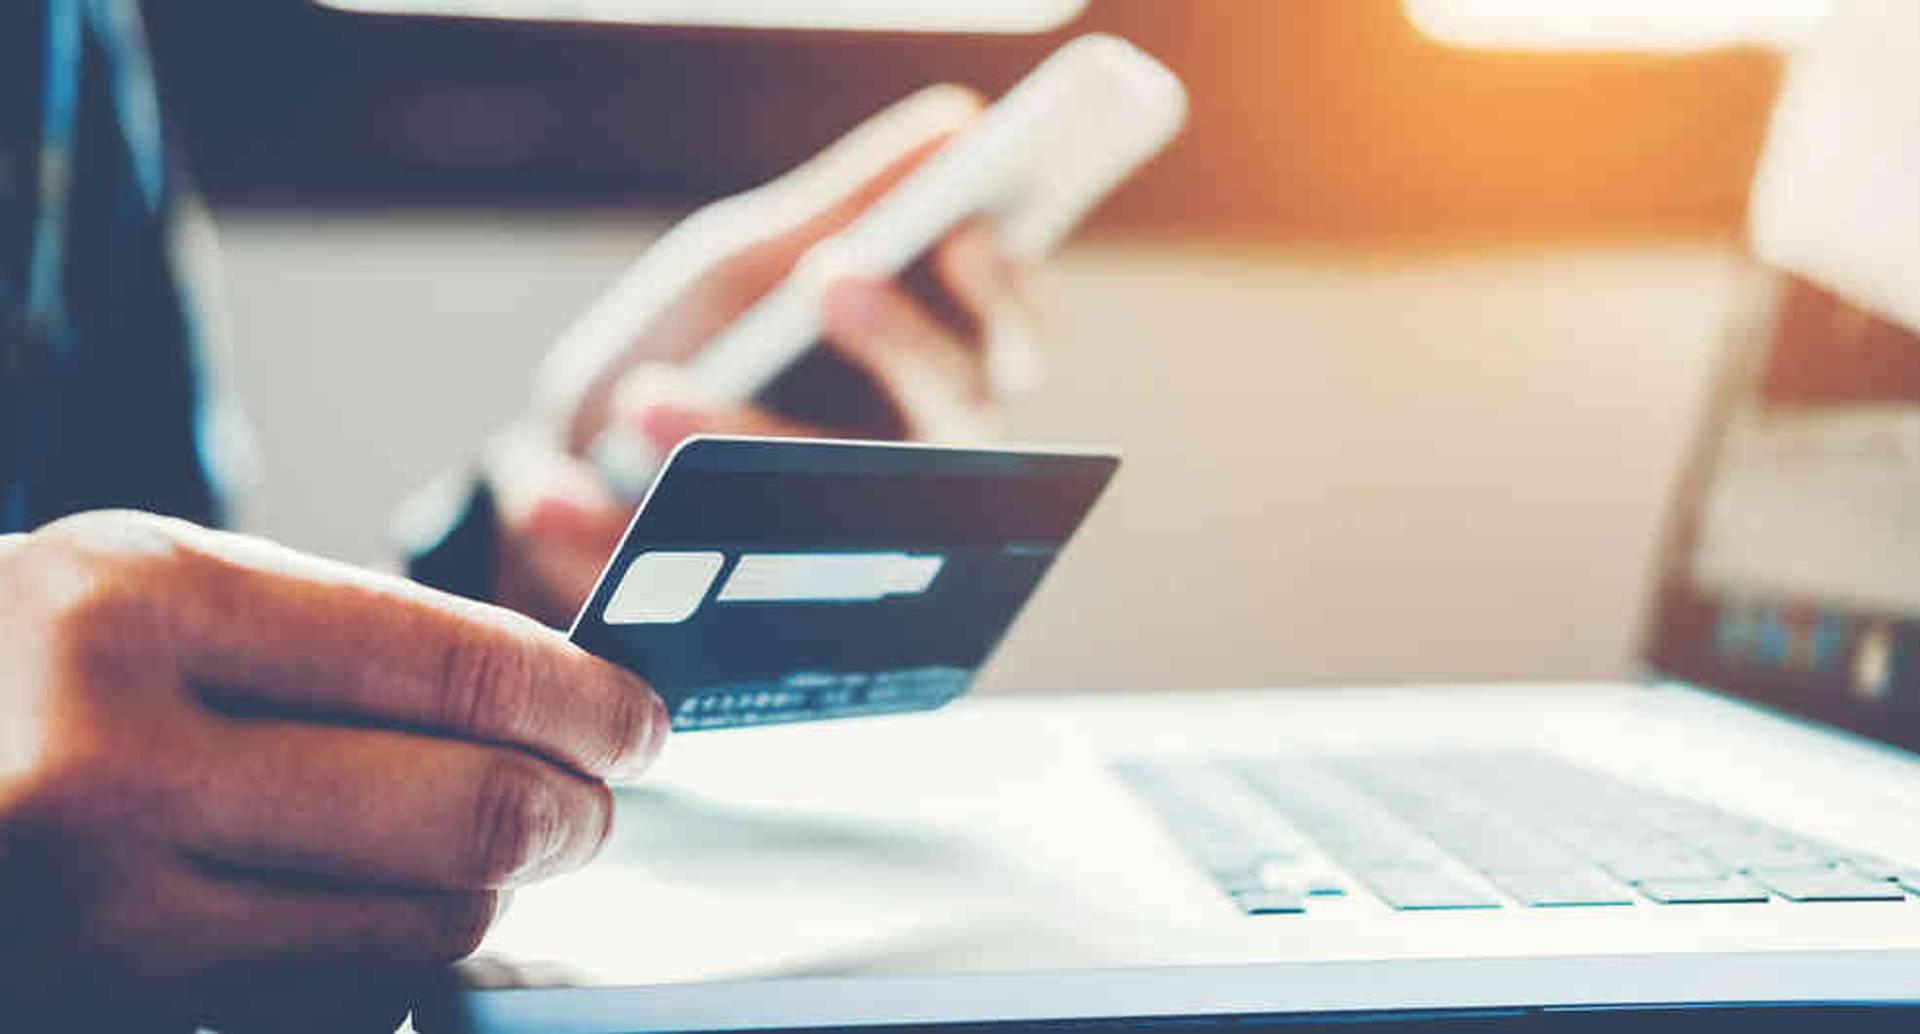 De acuerdo con Asobancaria, los pagos electrónicos crecieron 45 por ciento durante el aislamiento.